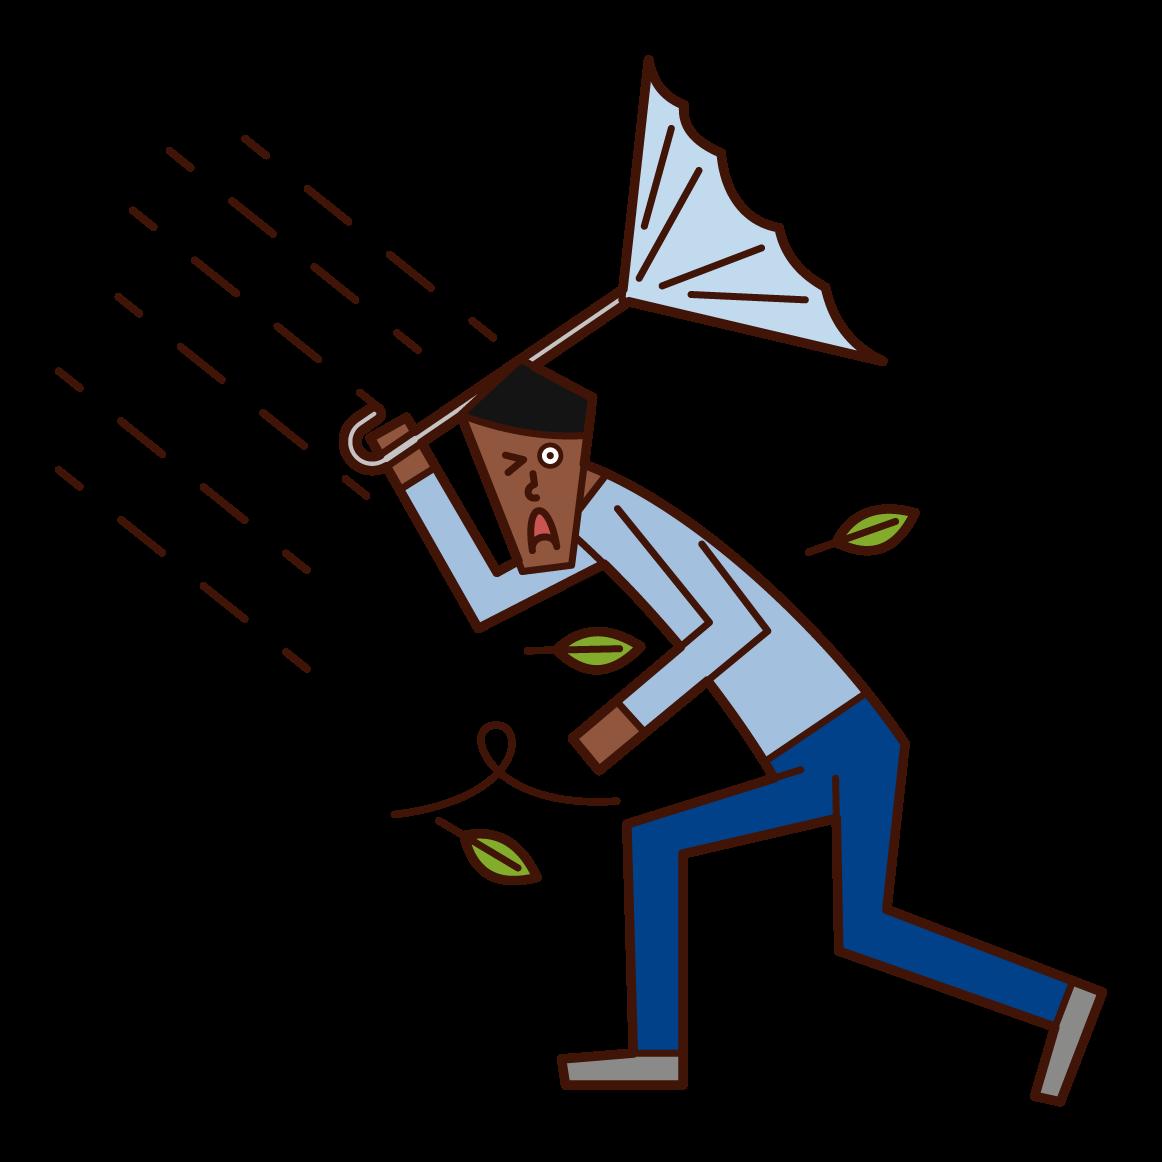 強風の中歩く人(男性)のイラスト